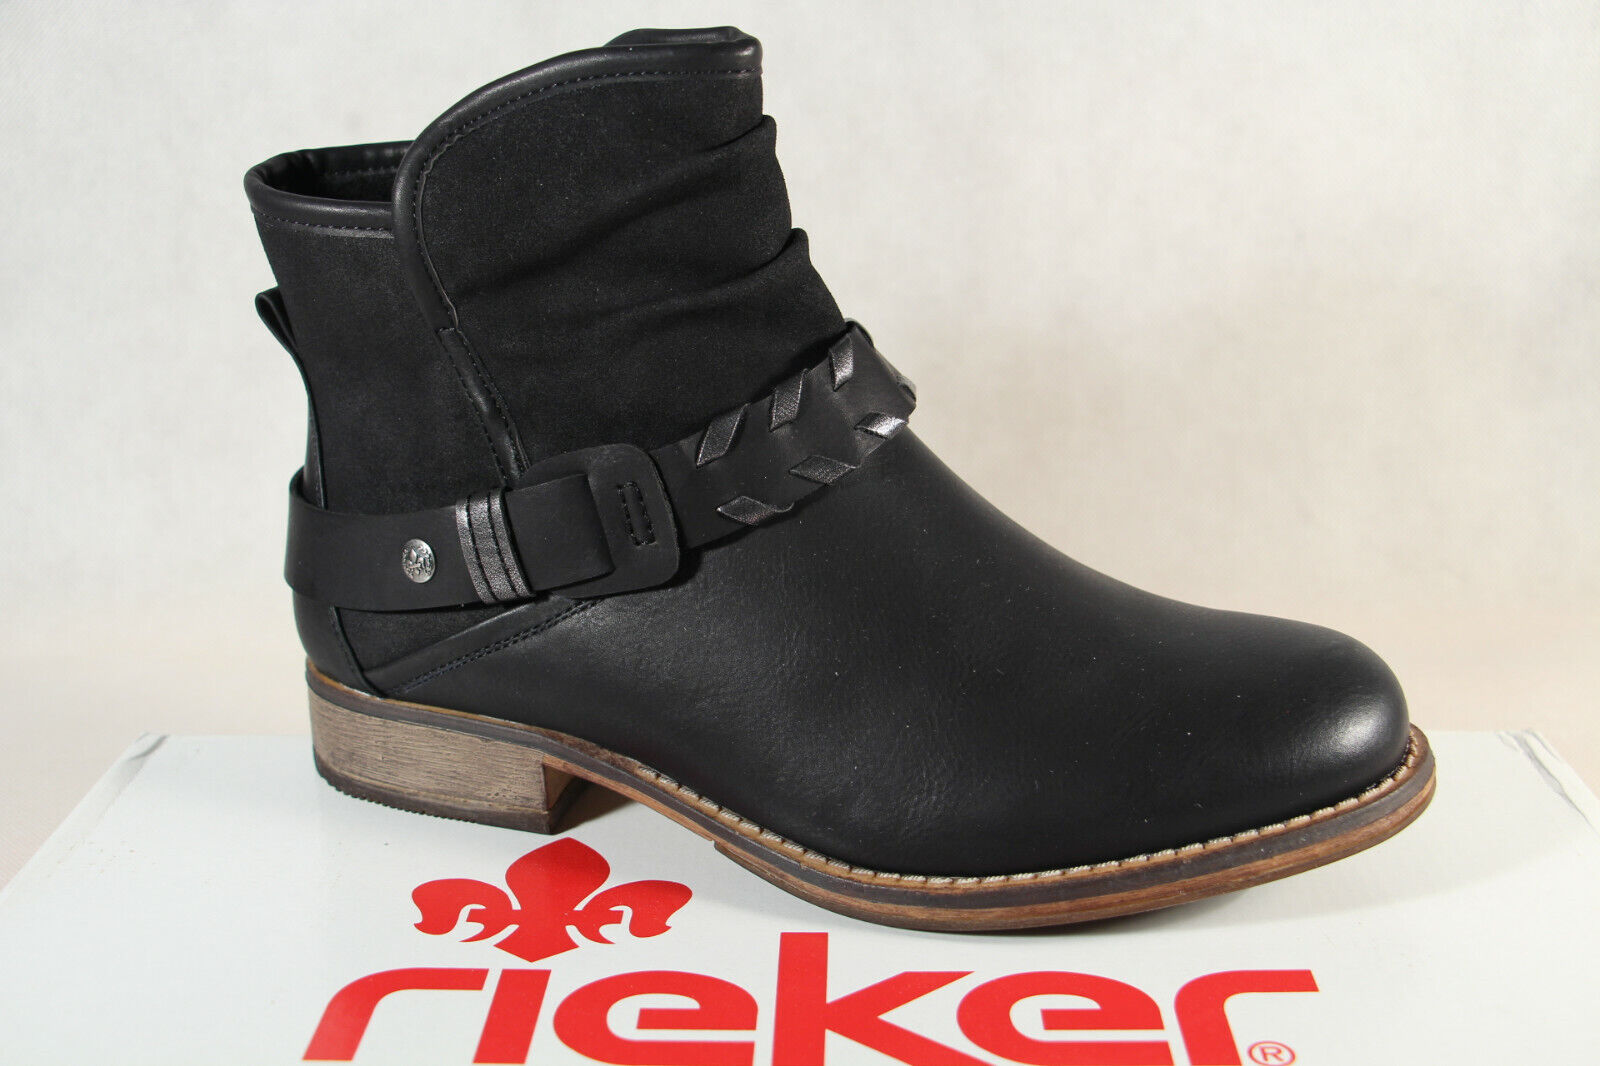 Rieker Damen Stiefel 97770 Stiefelette Stiefel schwarz RV NEU